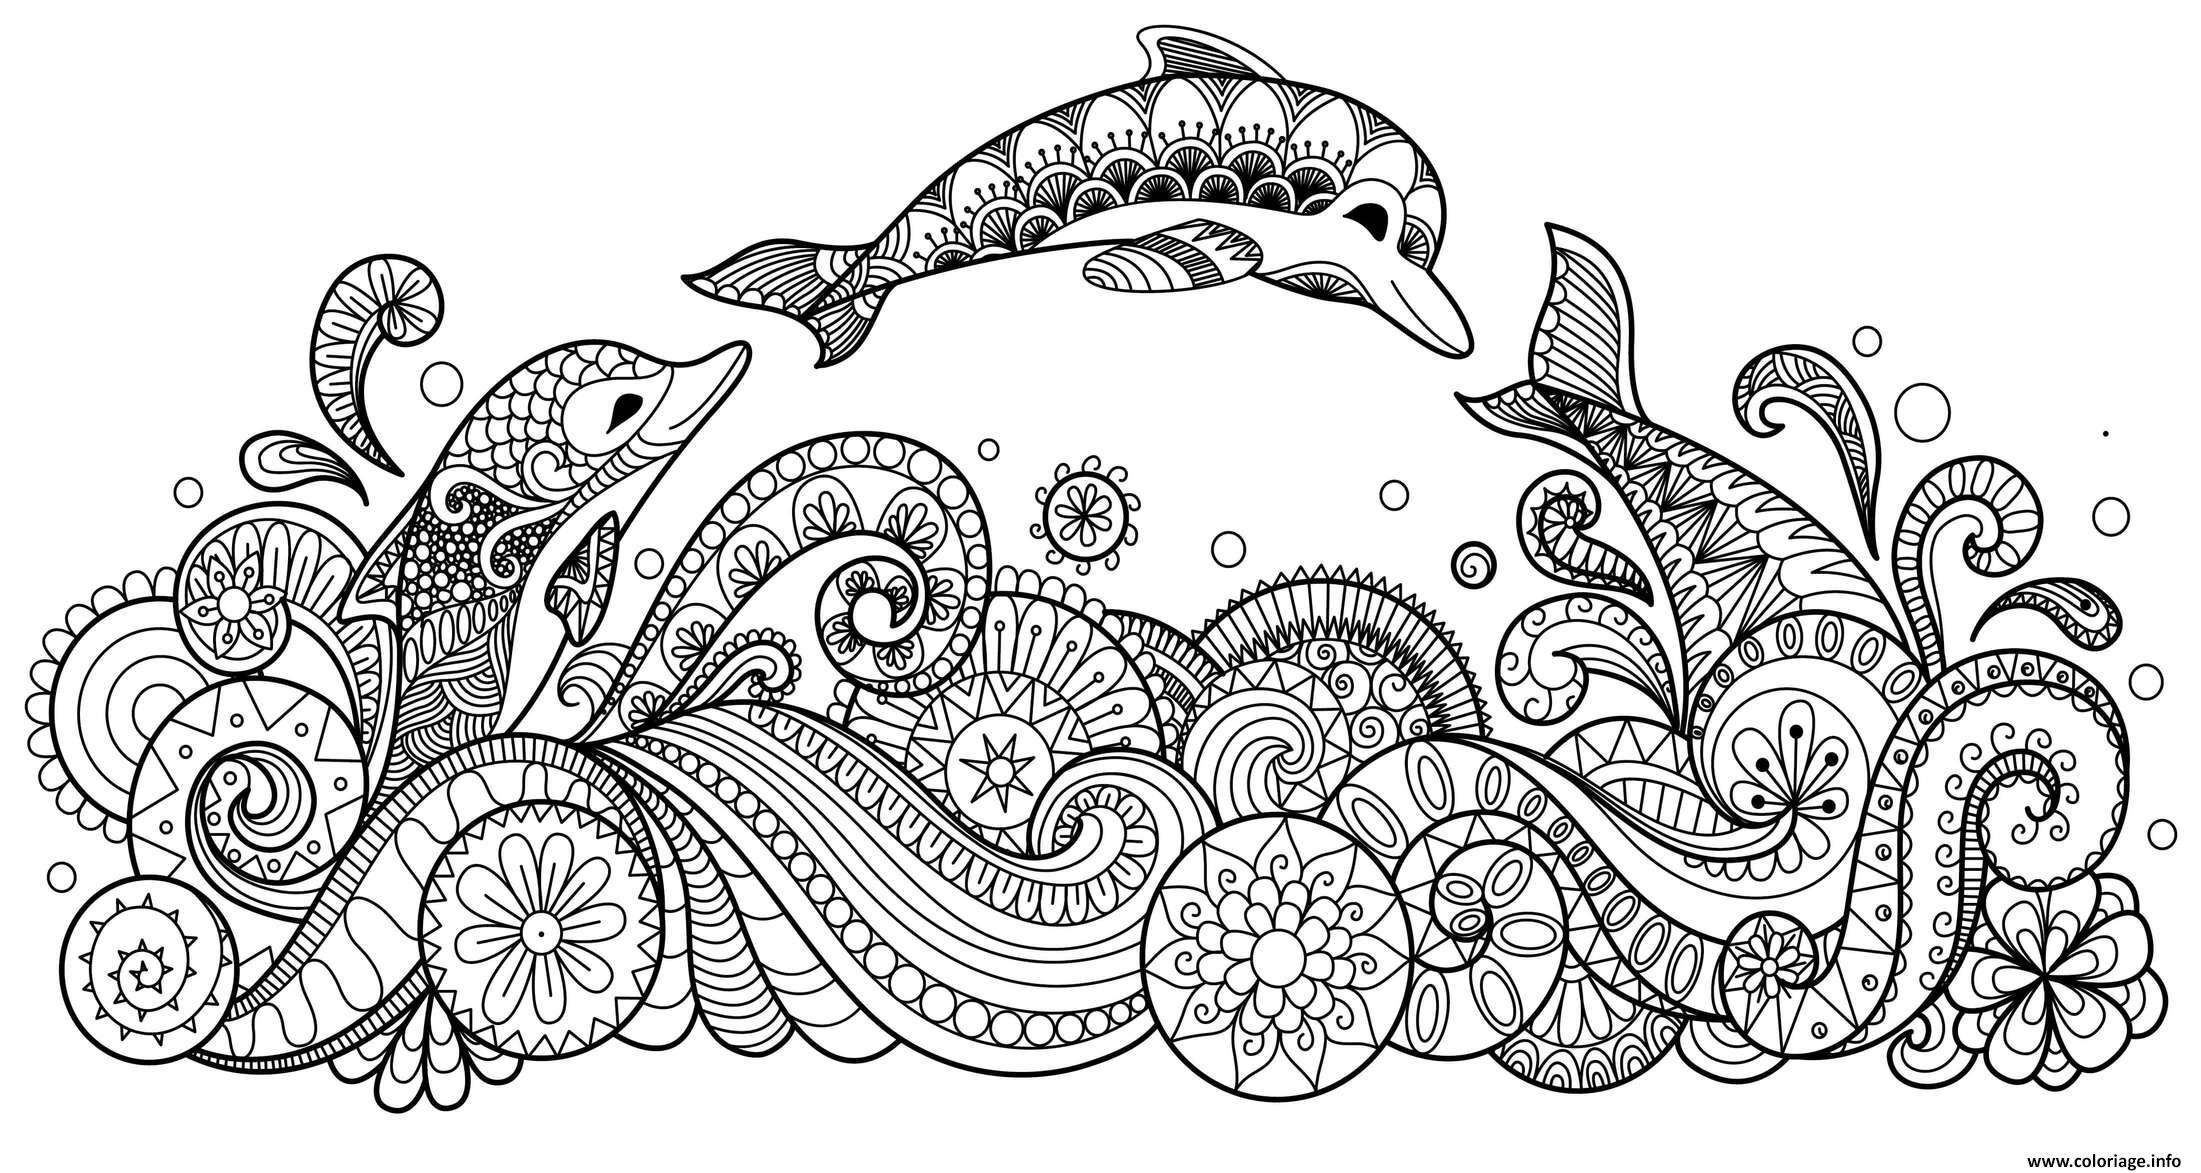 Coloriage Dauphins Mammiferes Marins Dans La Mer Animaux Jecolorie Com